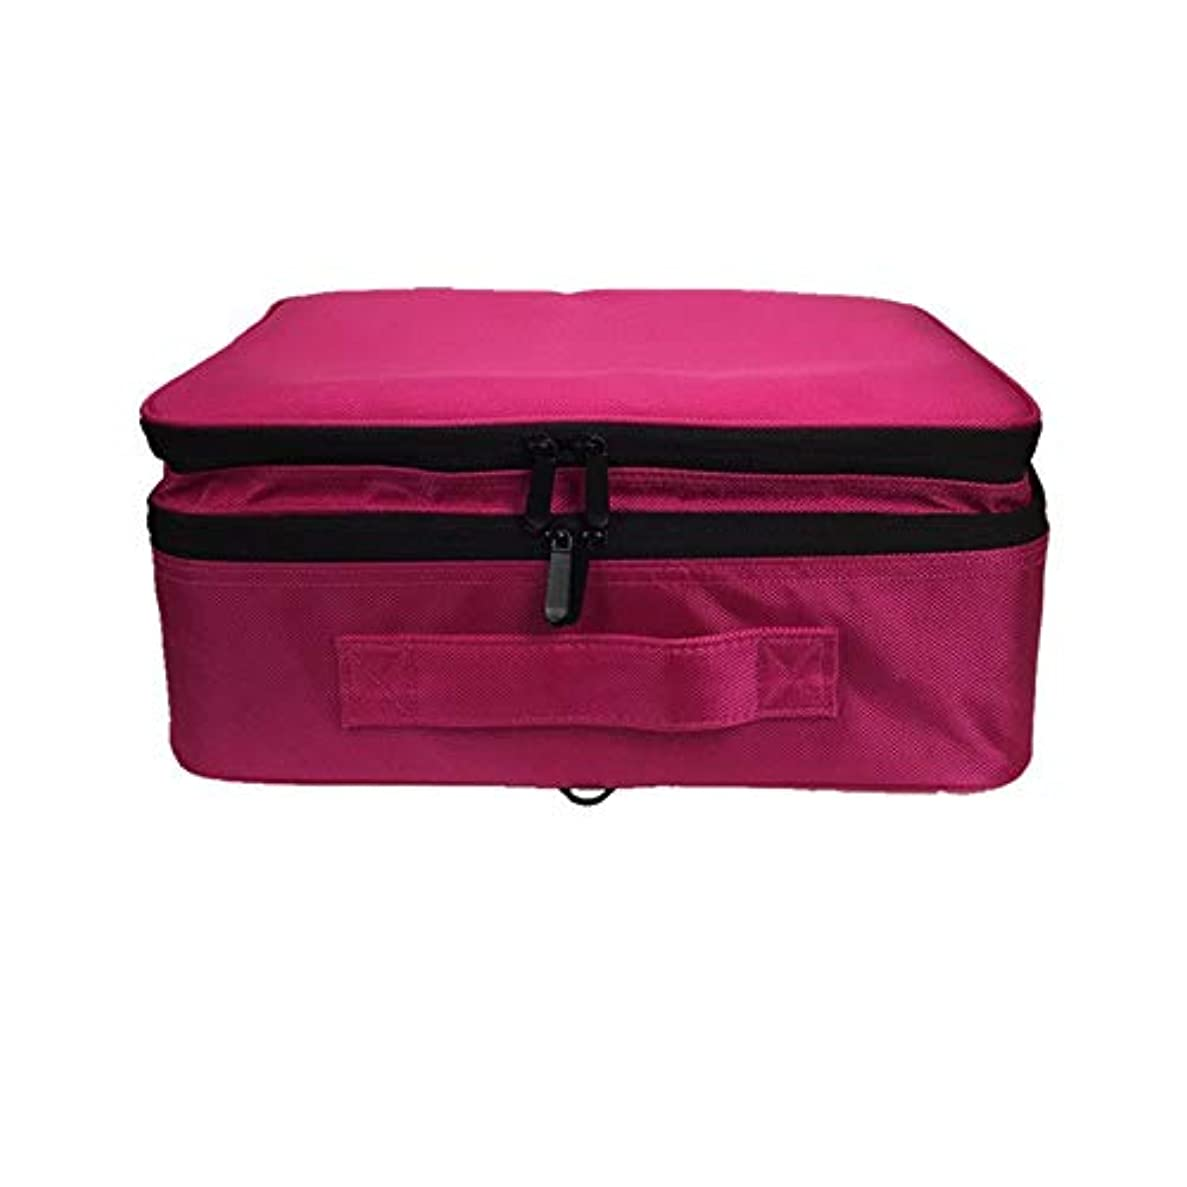 たまに報復行き当たりばったり特大スペース収納ビューティーボックス 女の子の女性旅行のための新しく、実用的な携帯用化粧箱およびロックおよび皿が付いている毎日の貯蔵 化粧品化粧台 (色 : 赤)